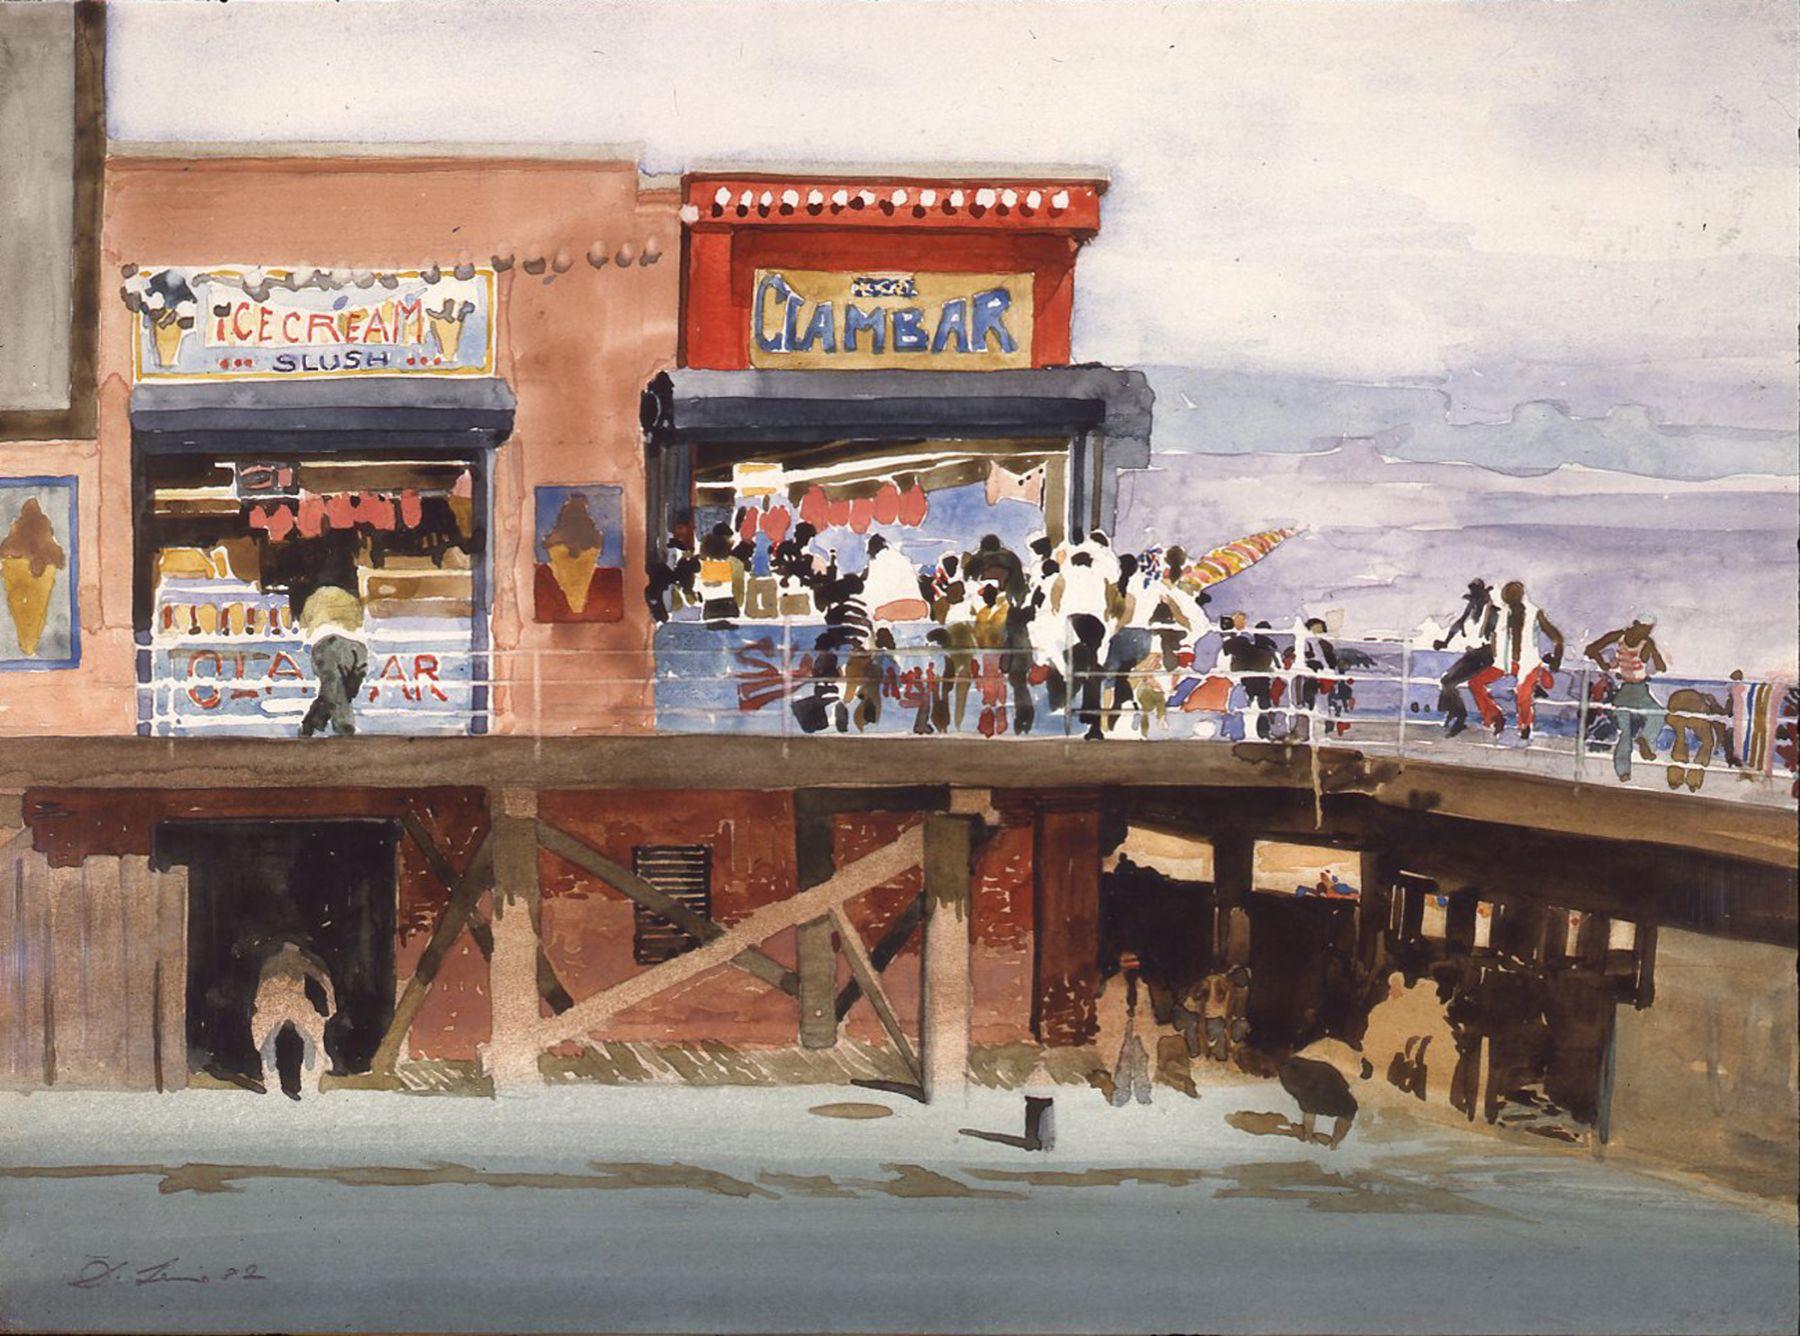 david levine, Coney Cul-de-Sac, 1981-82 watercolor 10 1/2 x 14 1/2 inches, Private collection, Far Hills, NJ